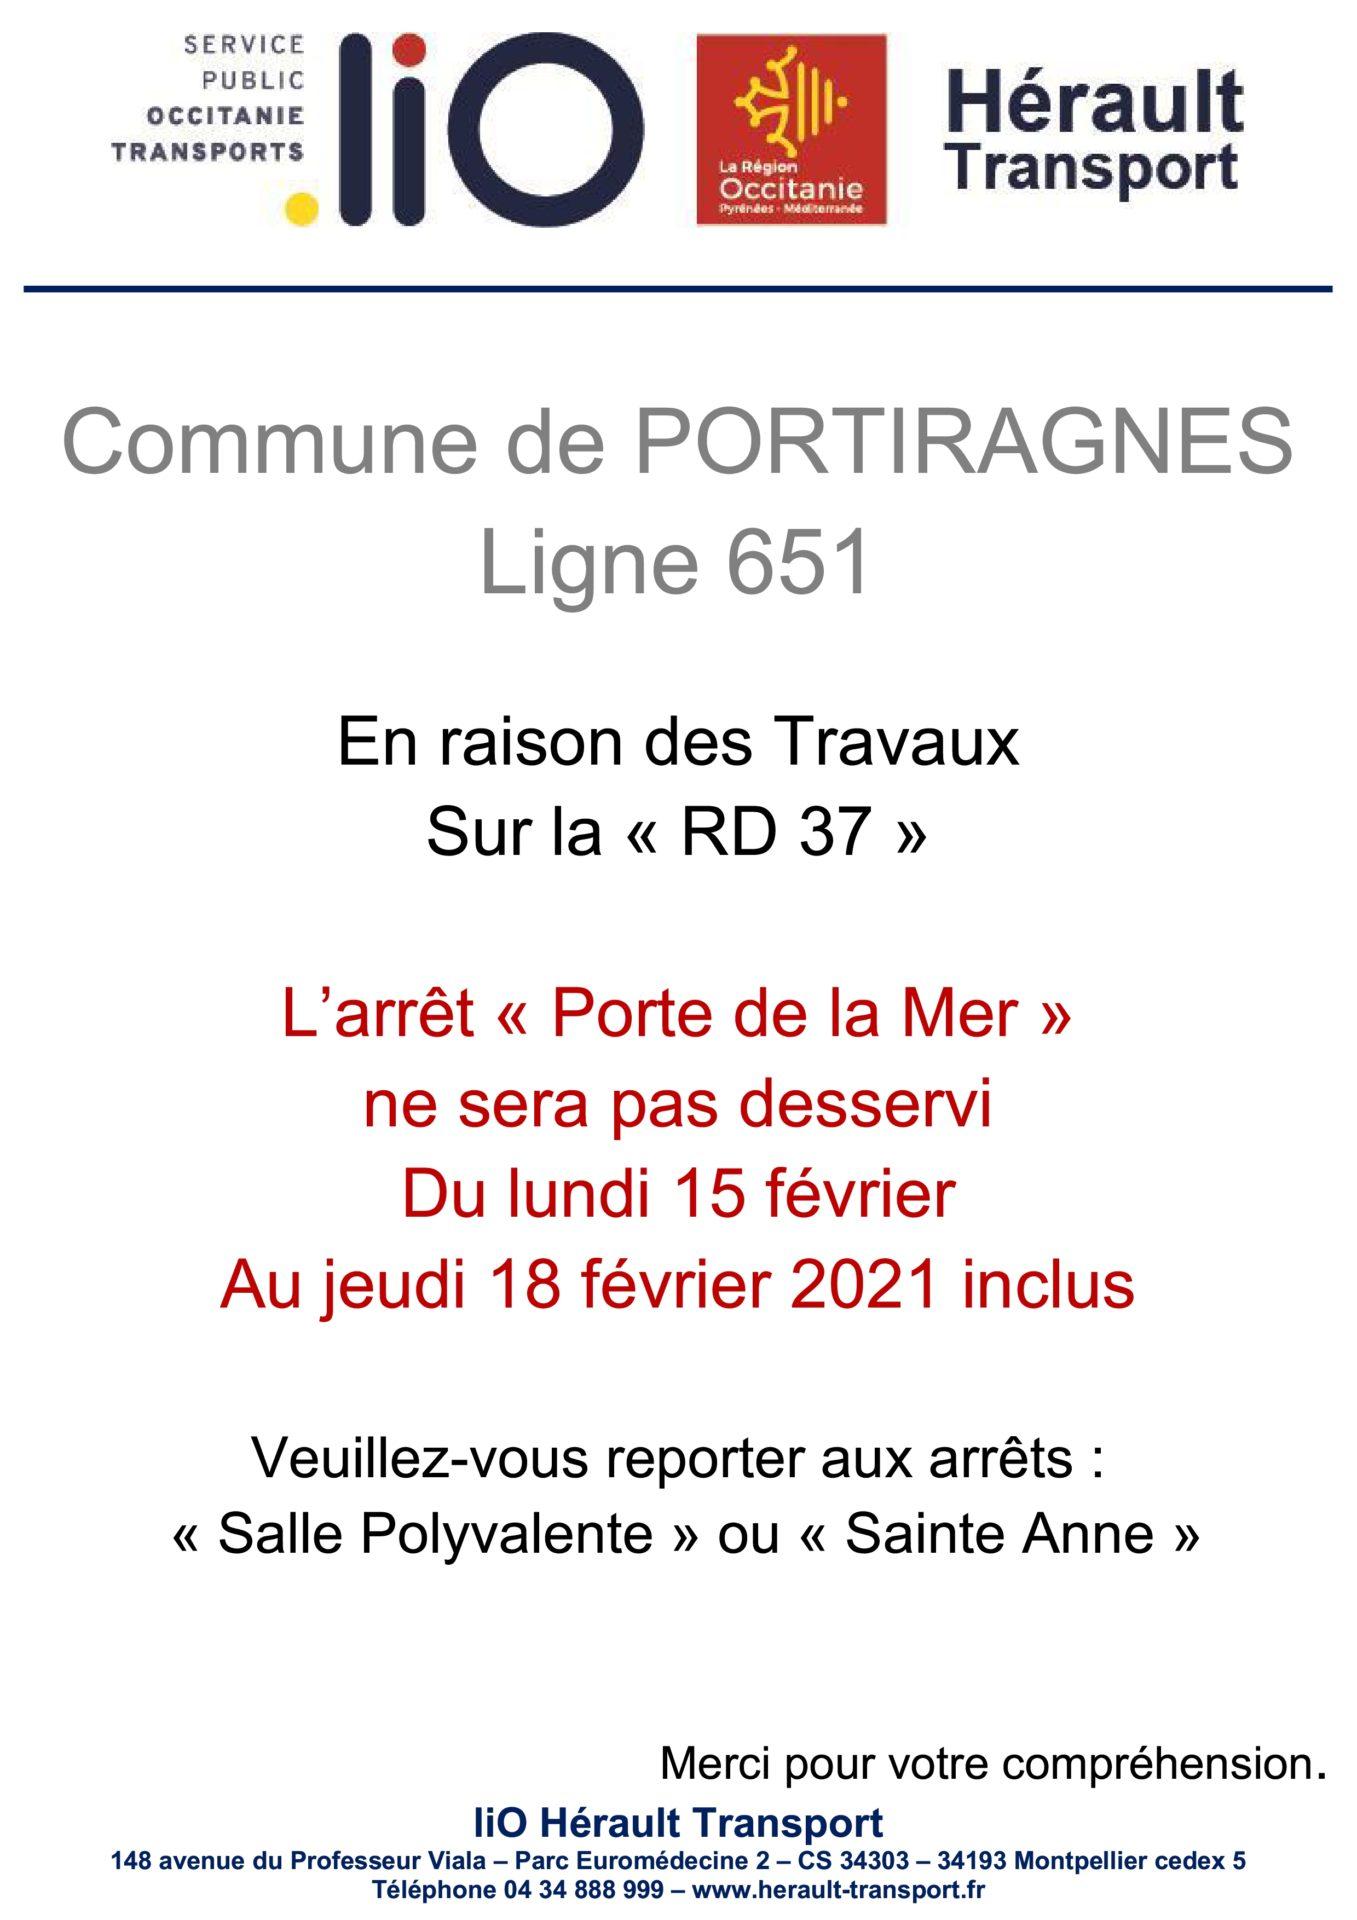 Communiqué – Hérault Transport